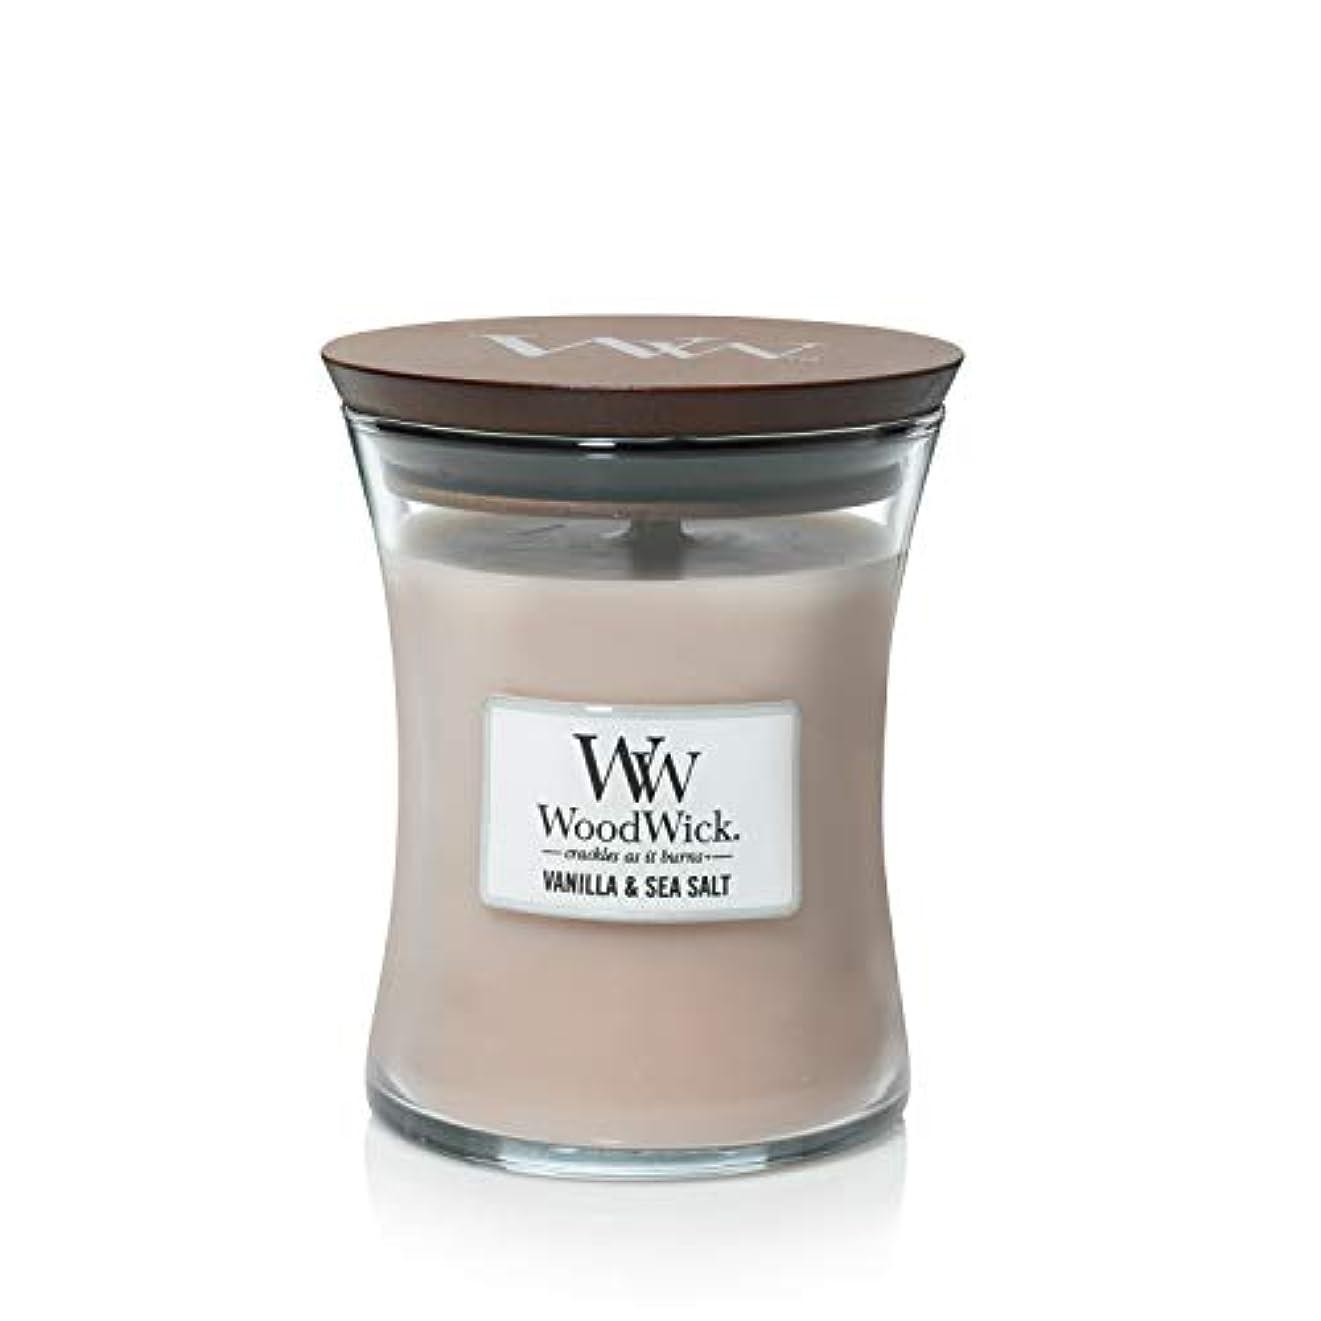 漏斗ブルームくびれたバニラSea Salt WoodWick 10 oz Medium砂時計Jar Candle Burns 100時間